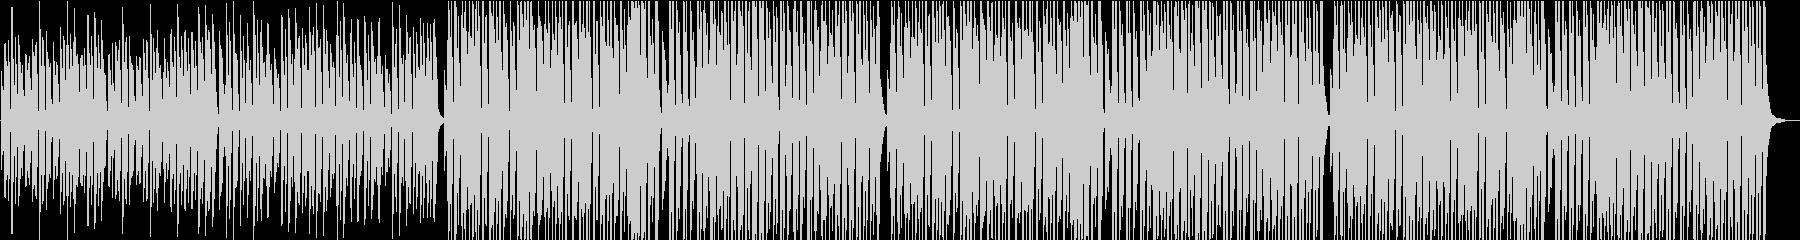 チープで可愛いジングルベルの未再生の波形